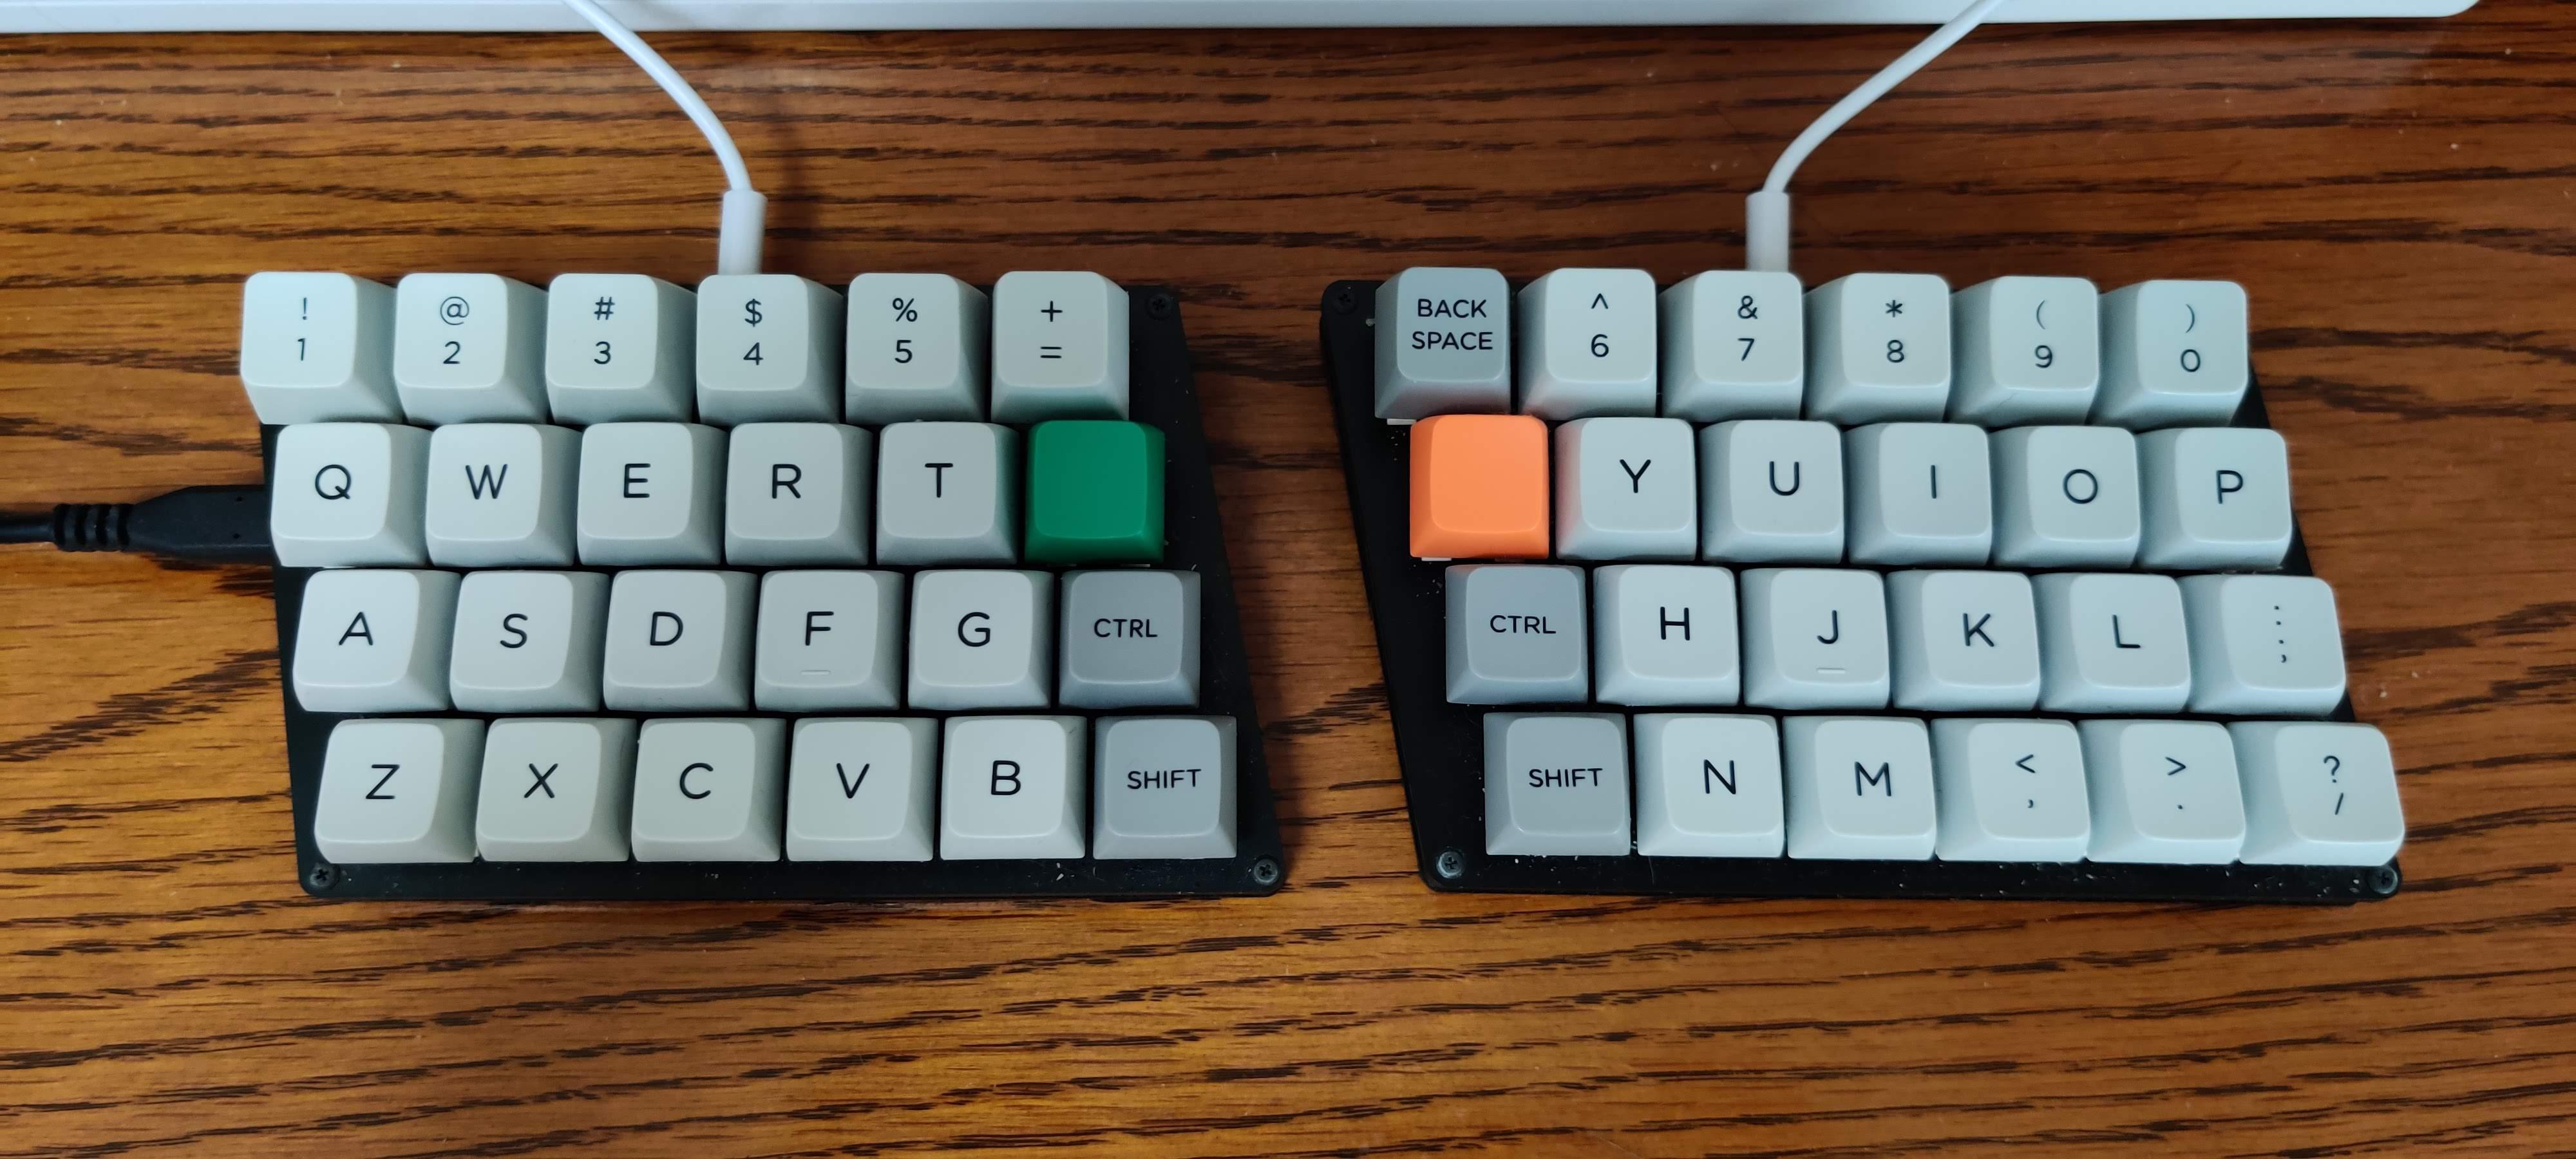 今使っている自作キーボードである Zinc の写真